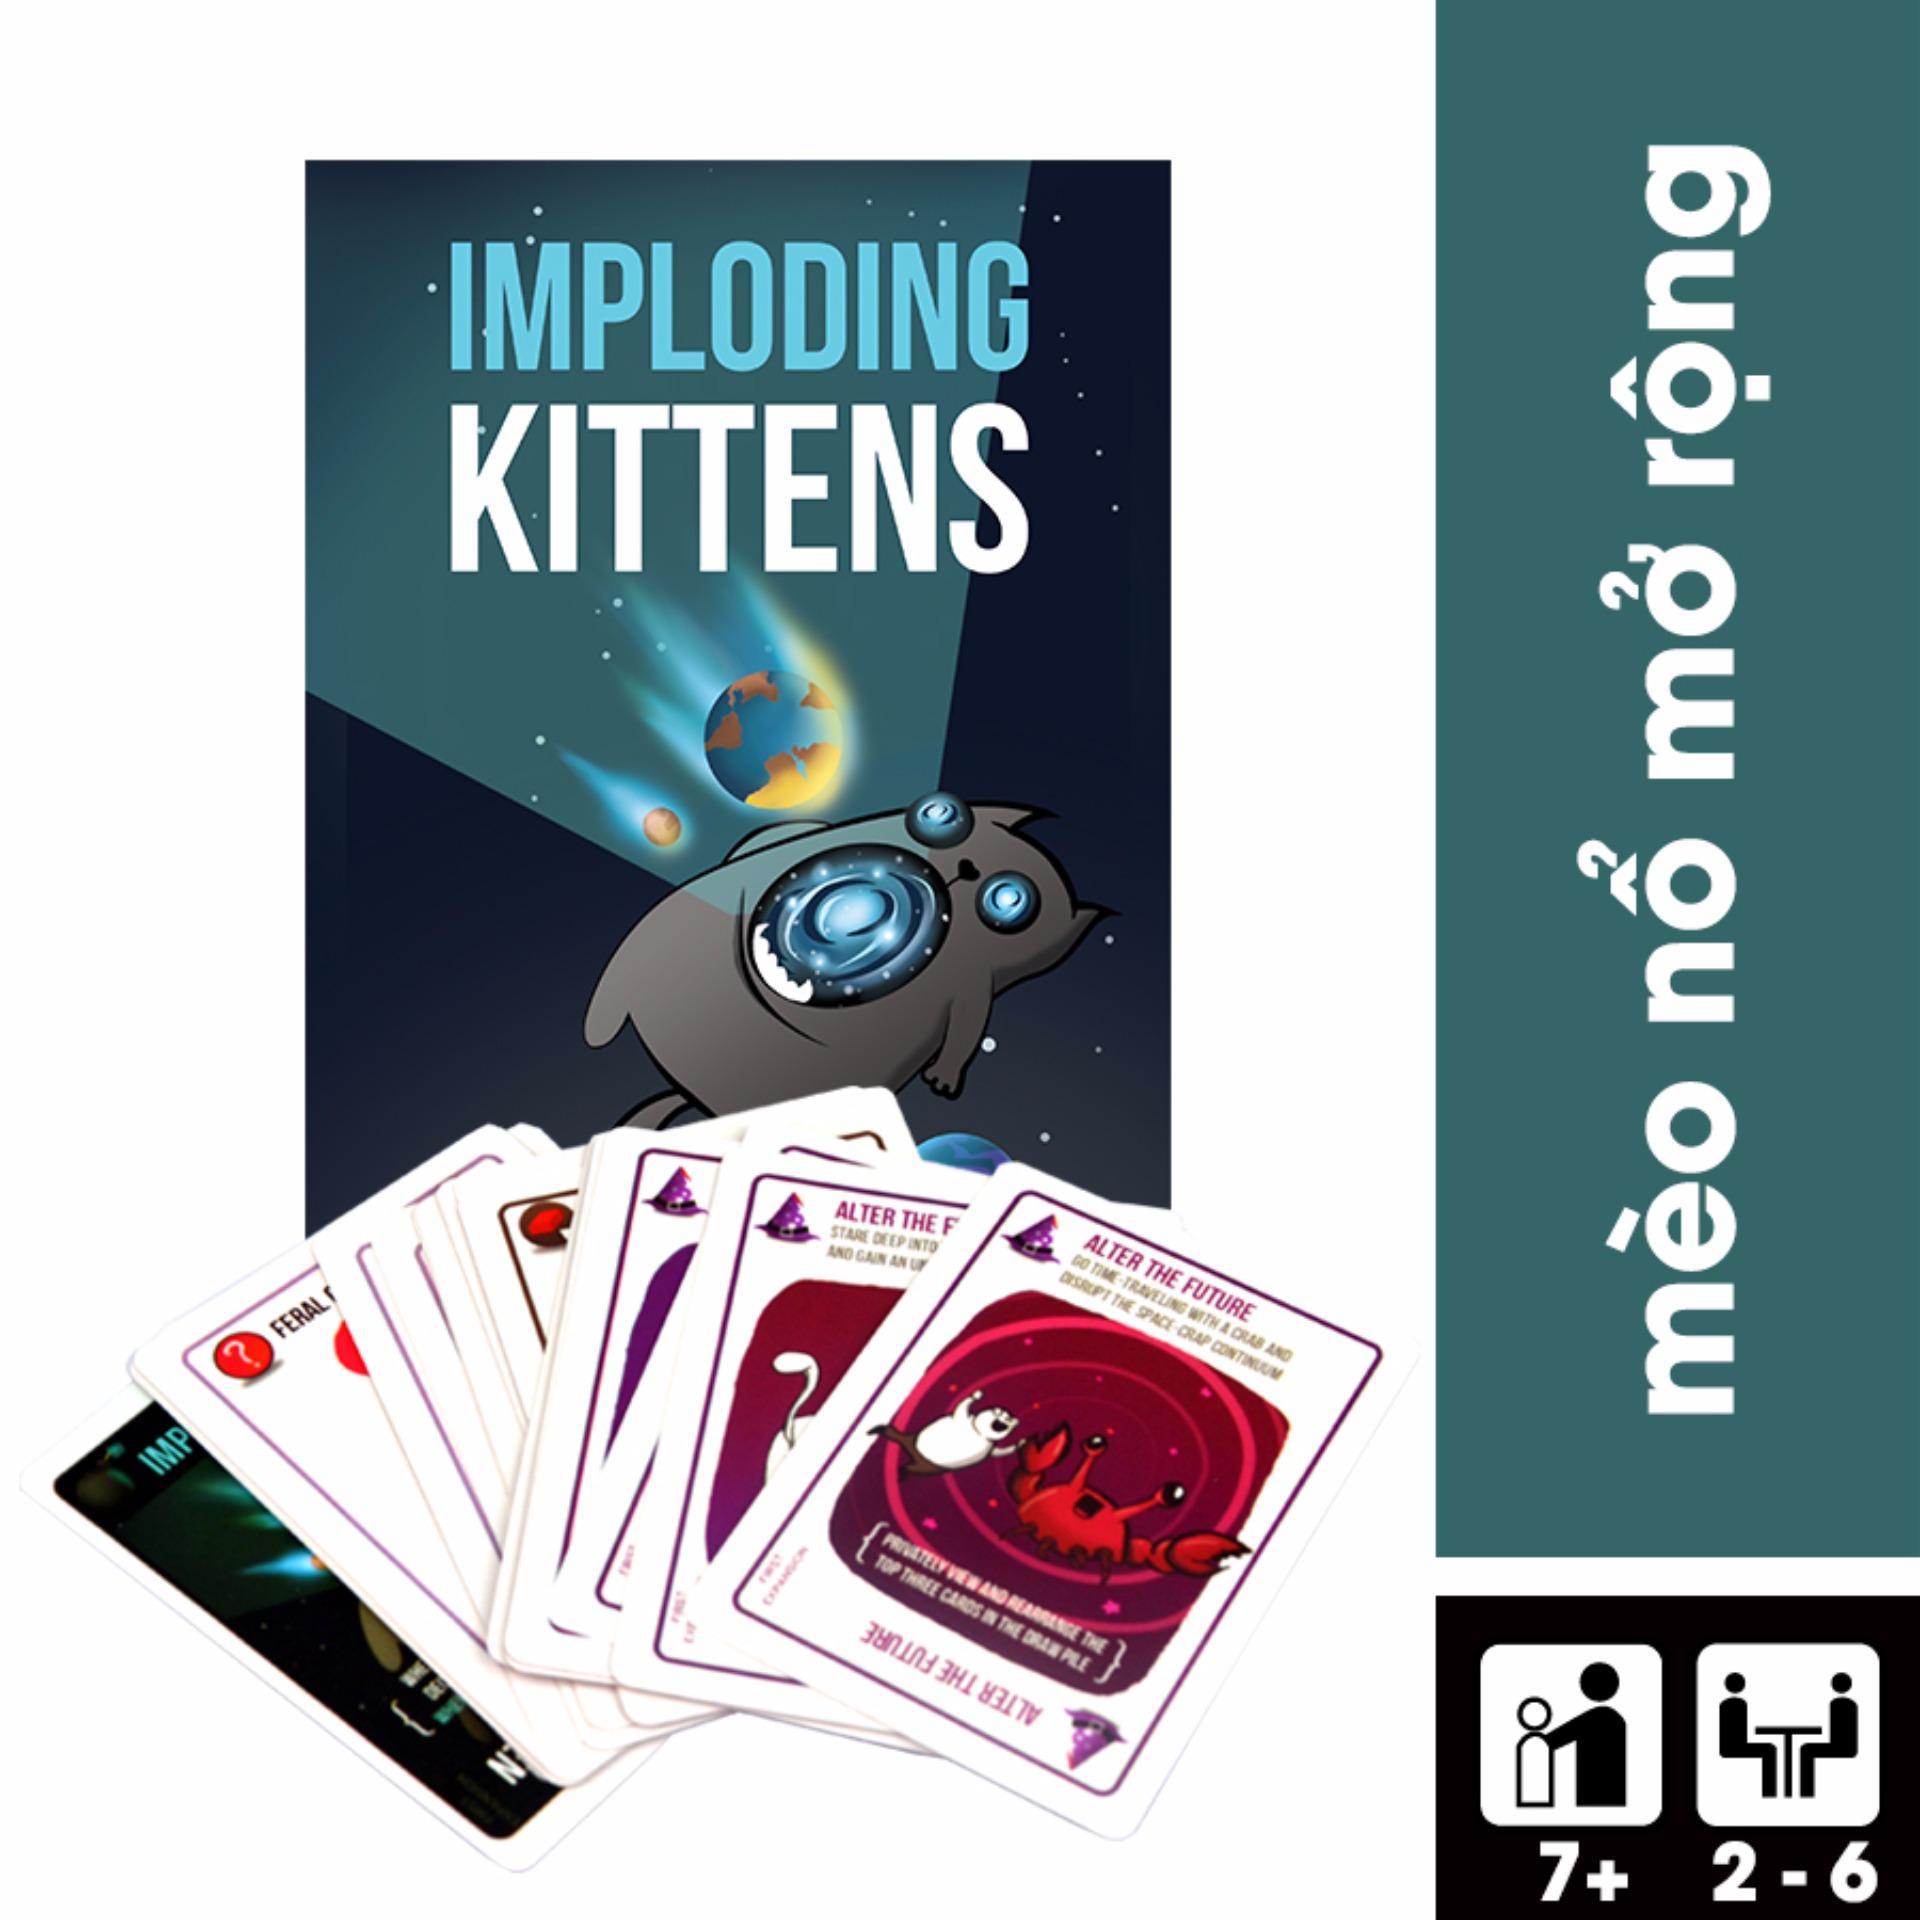 So Sánh Giá Imploding Kittens – Mèo Nổ Bản Mở Rộng #3